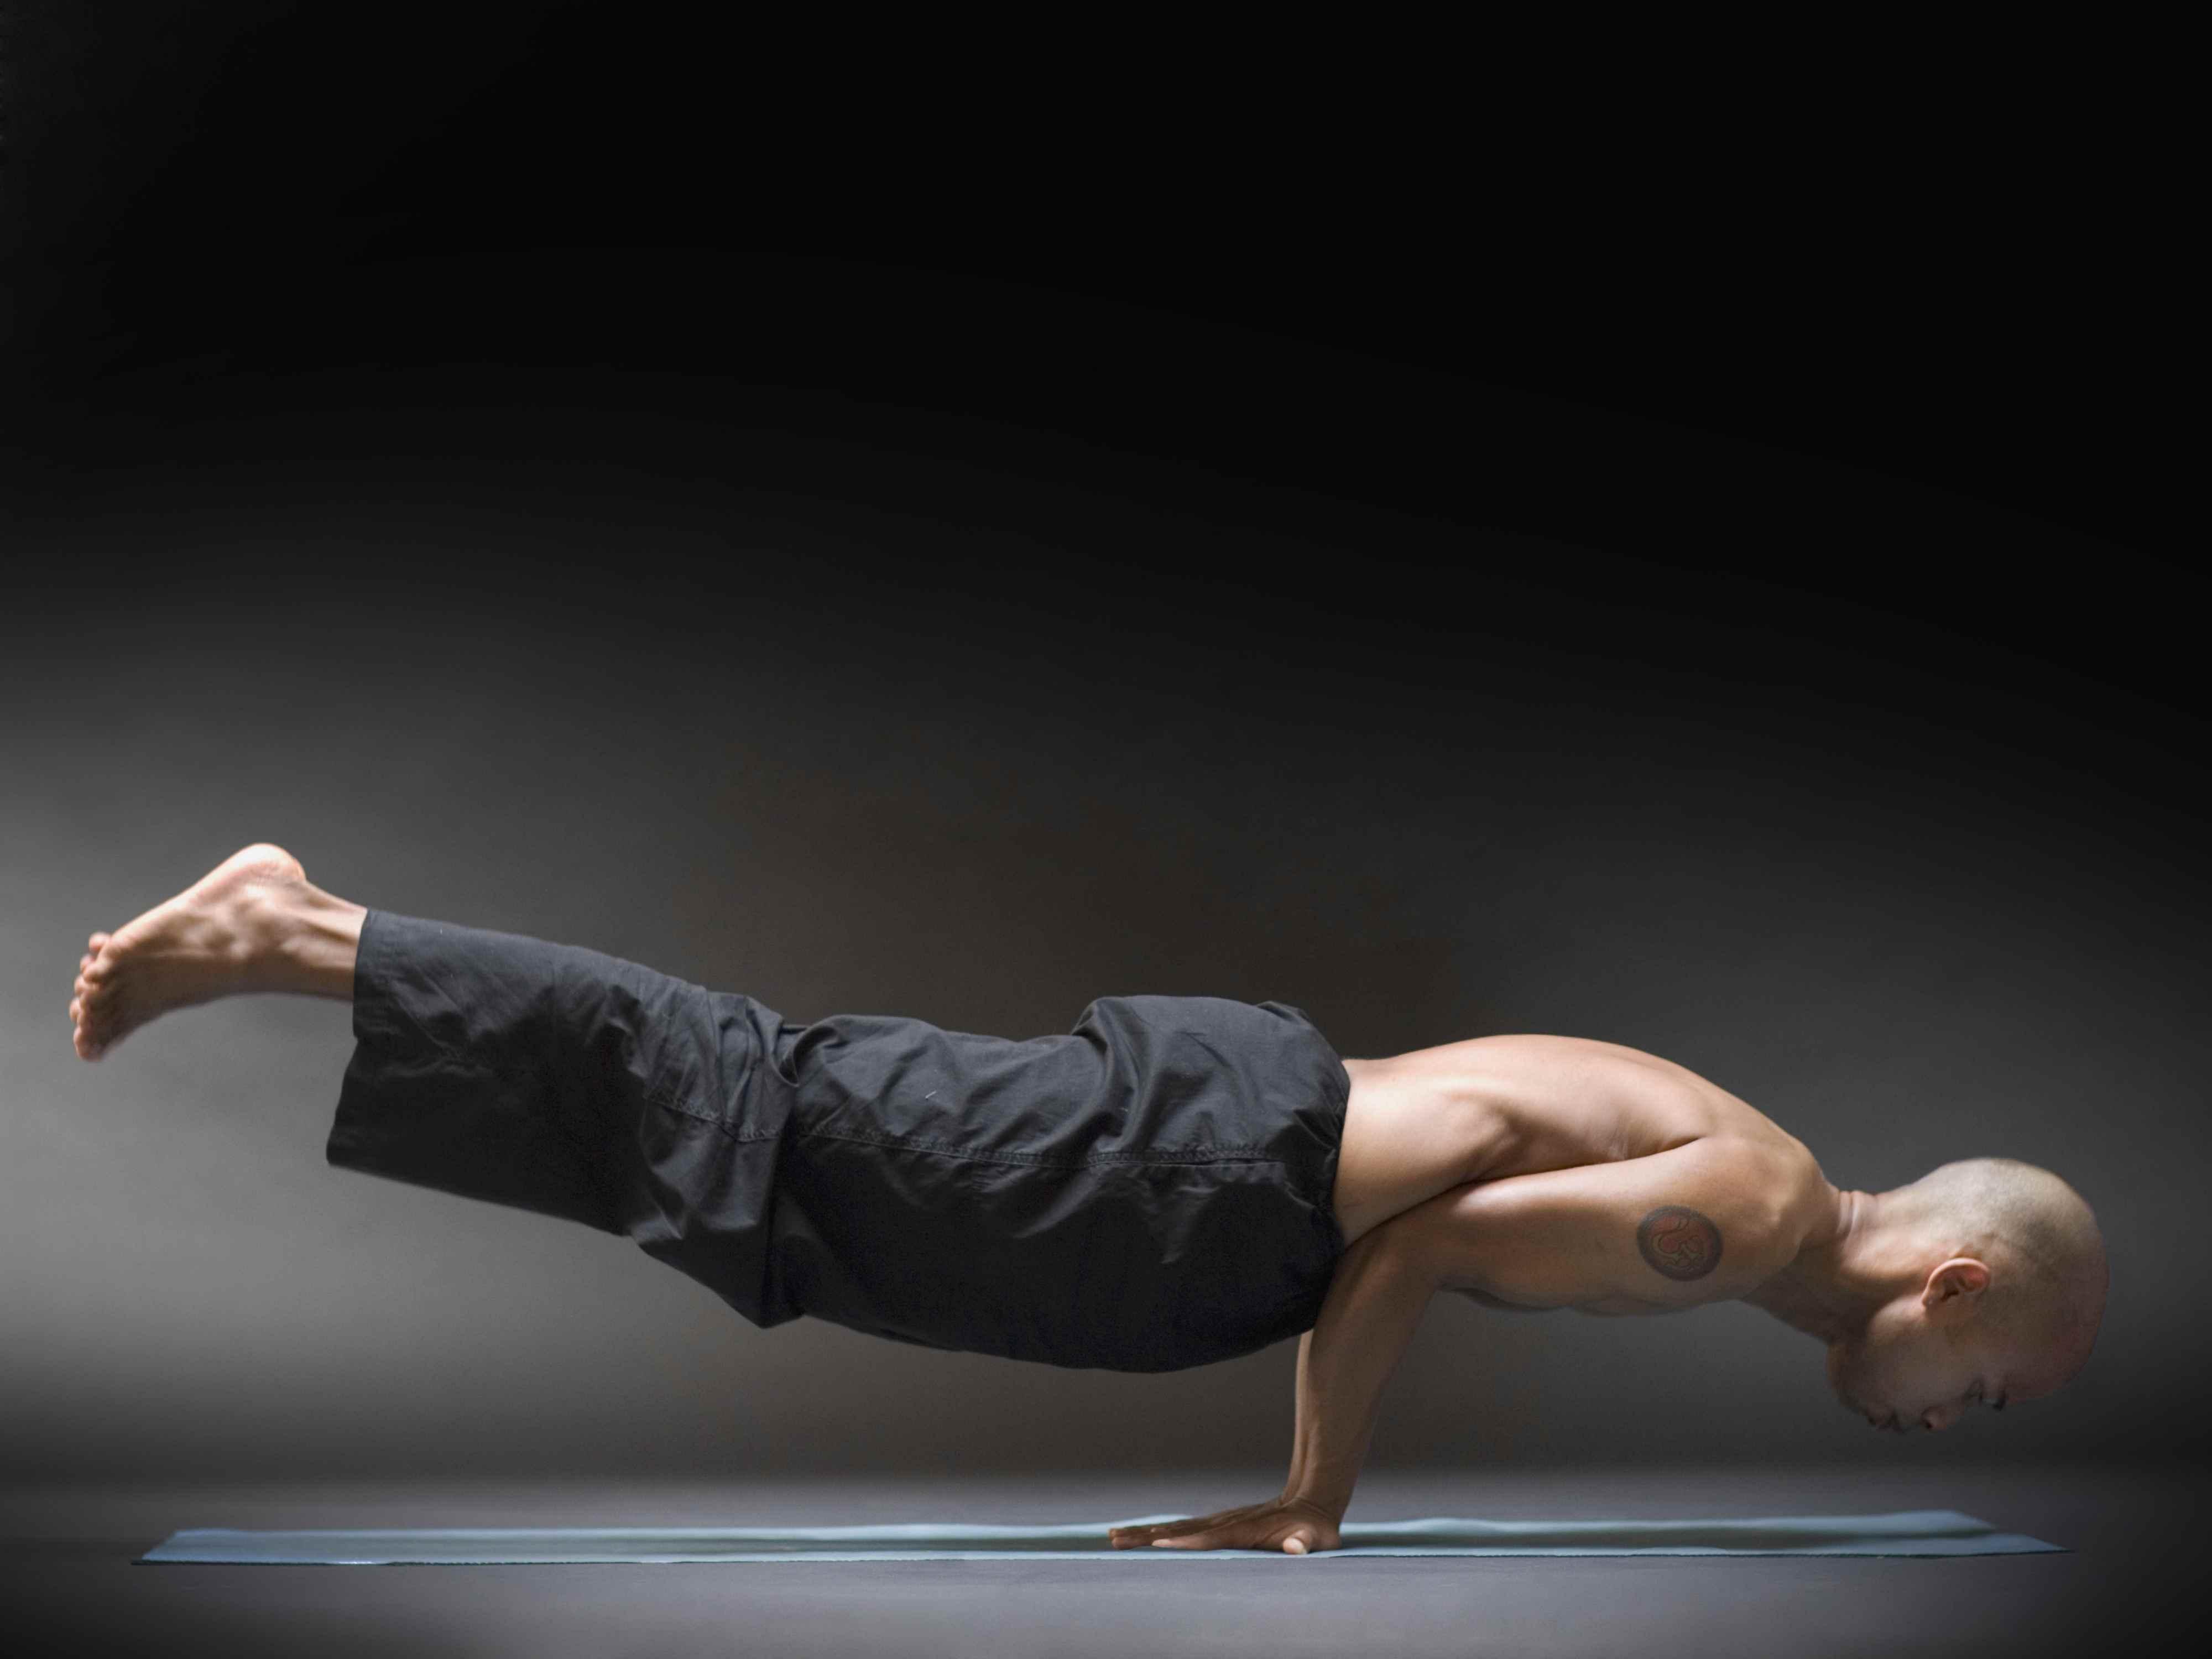 Стойка на предплечьях (пинча маюрасана): техника выполнения позы в йоге с фото и видео